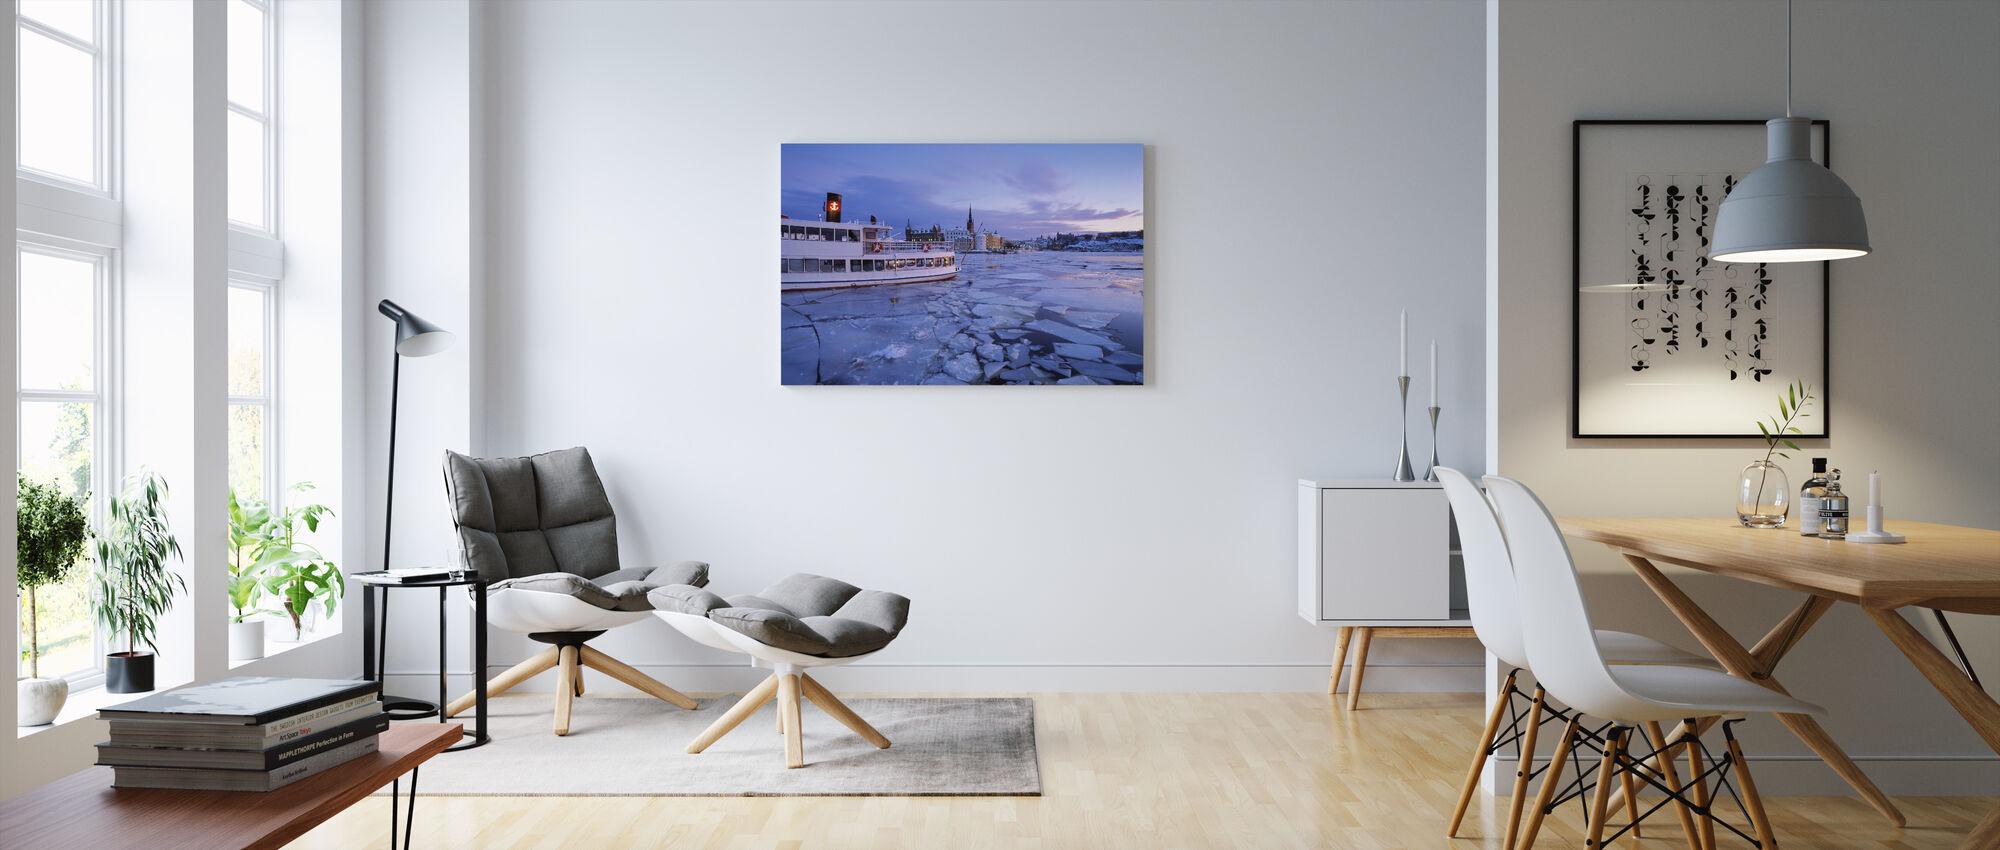 Skärgårdsbåt i is täckt Riddarholmen - Canvastavla - Vardagsrum